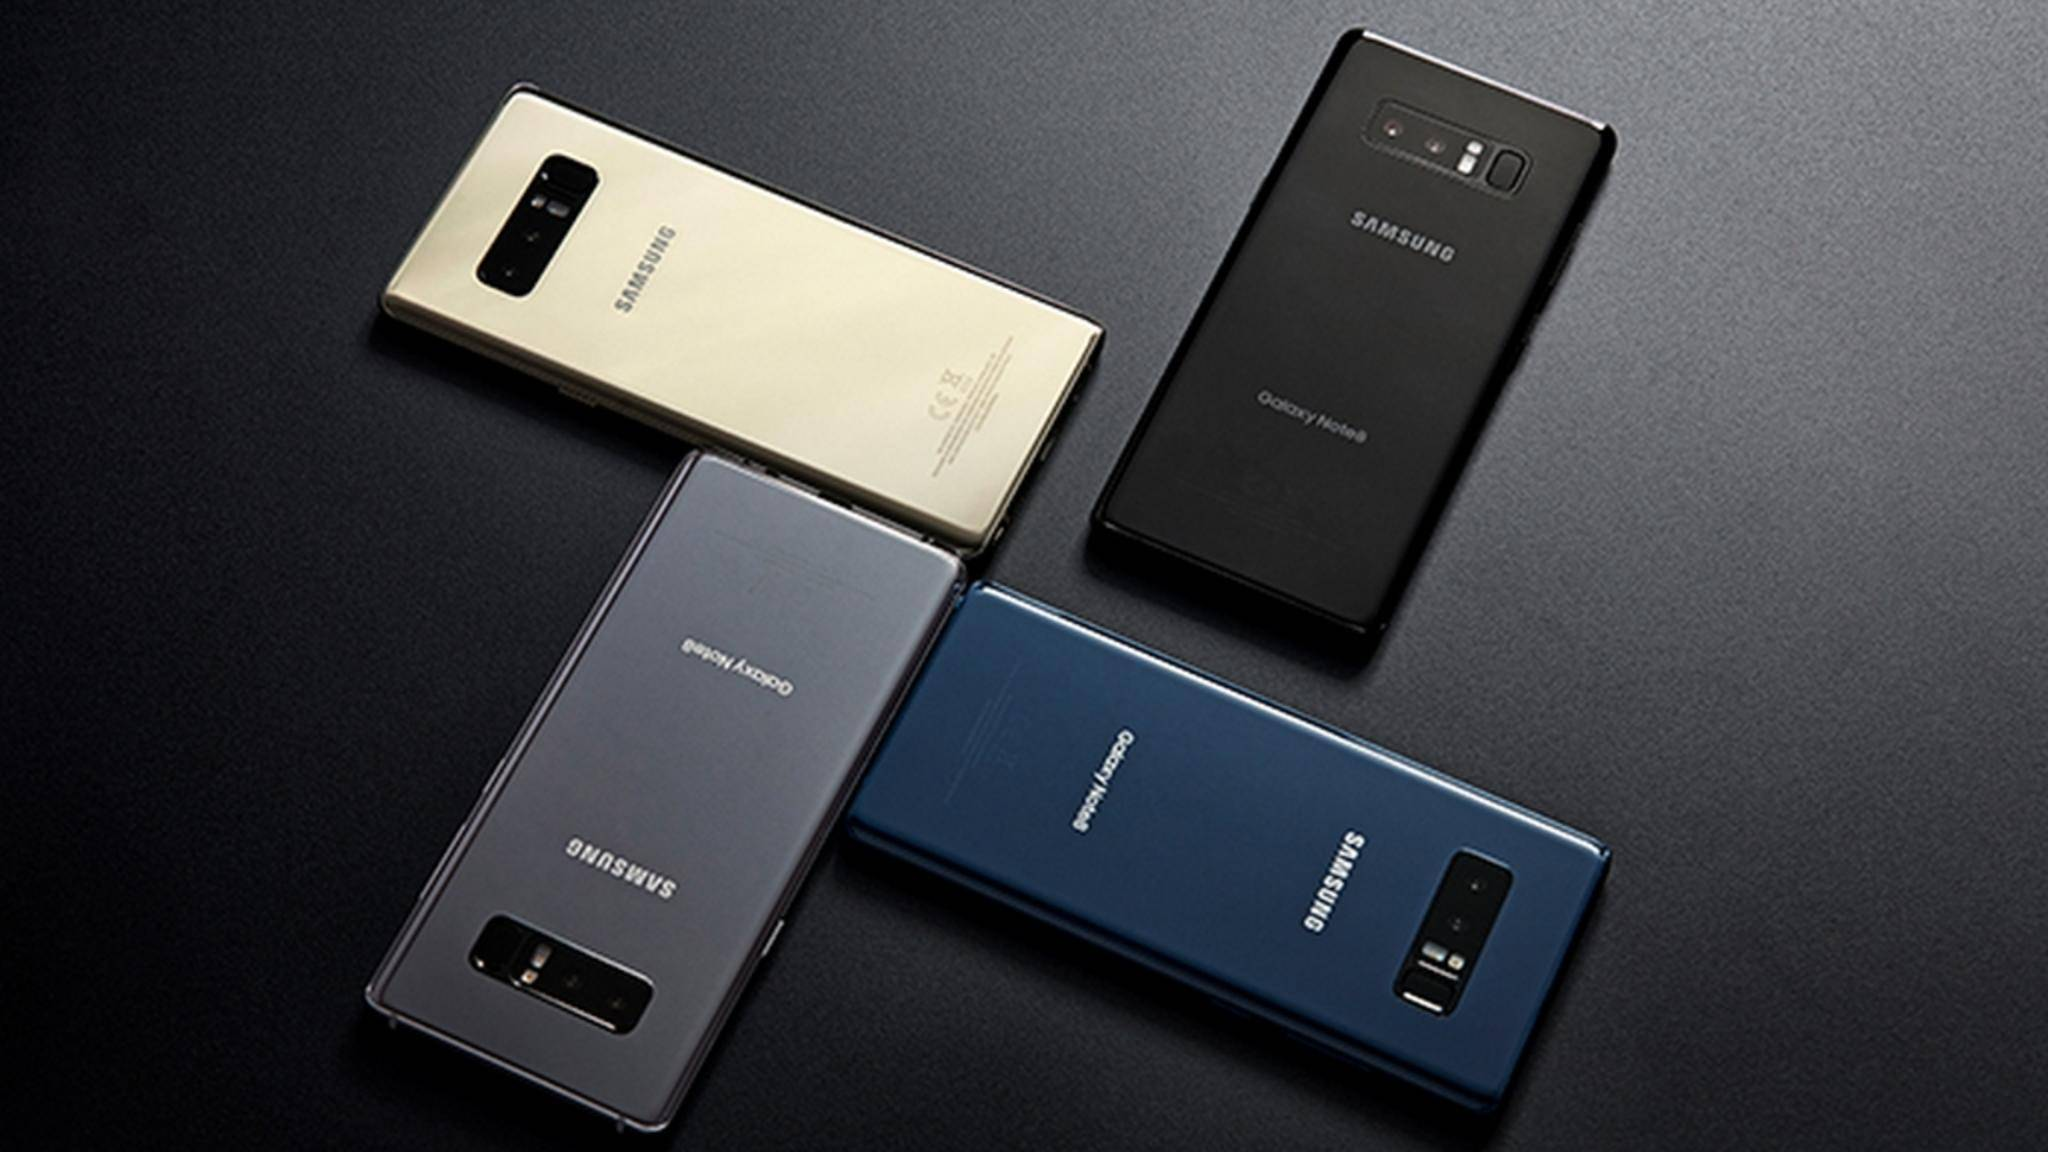 Das Galaxy Note 8 hat einen satten Arbeitsspeicher von 6 GB verbaut.